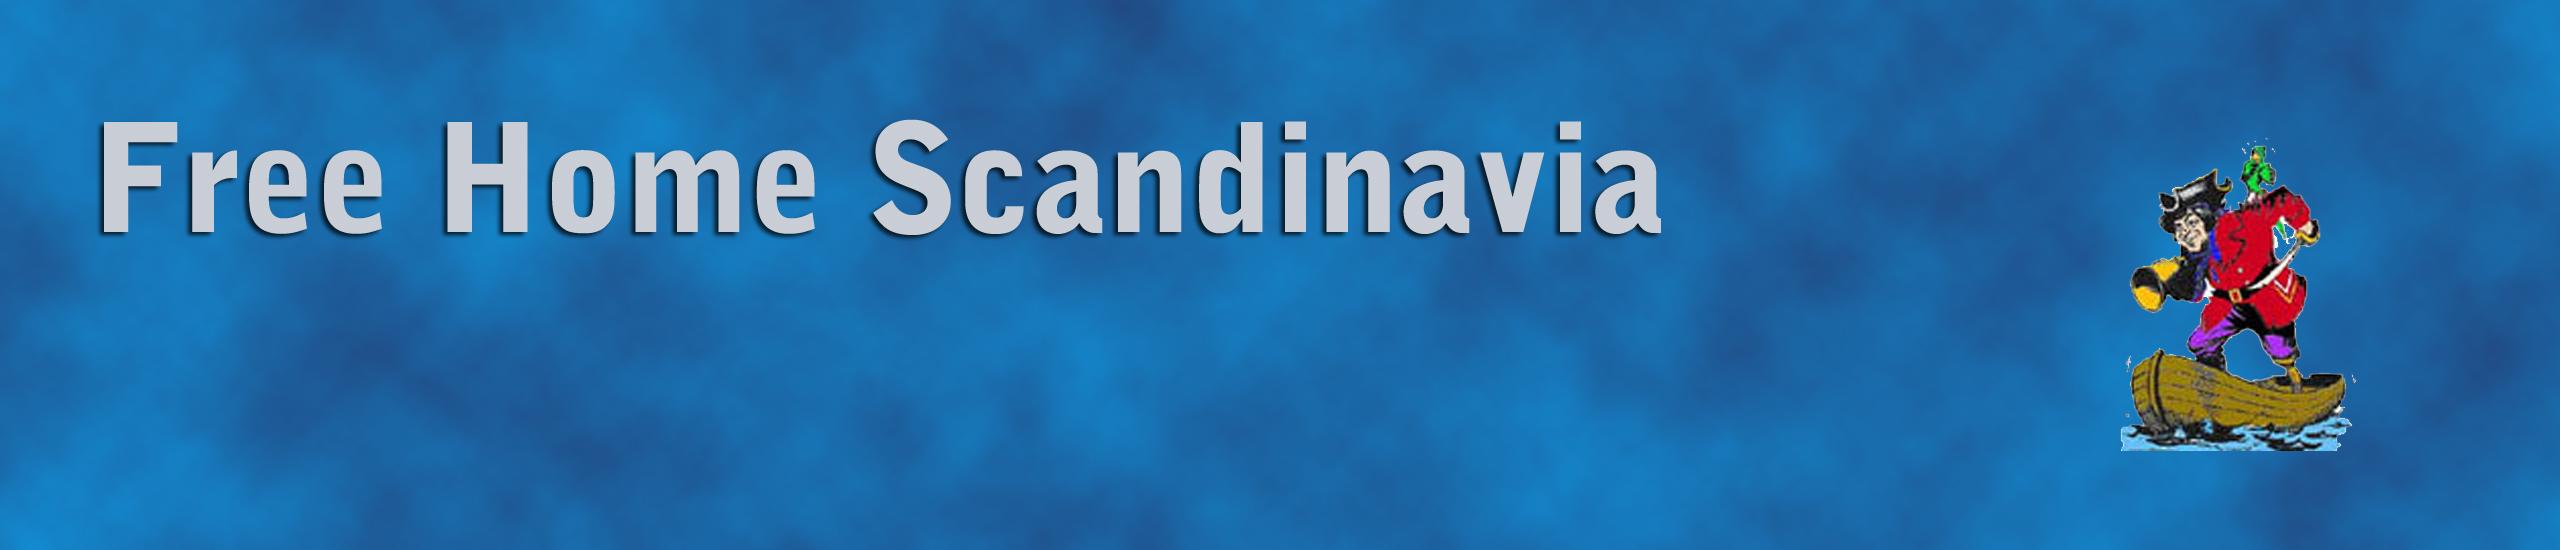 Free Home Scandinavia